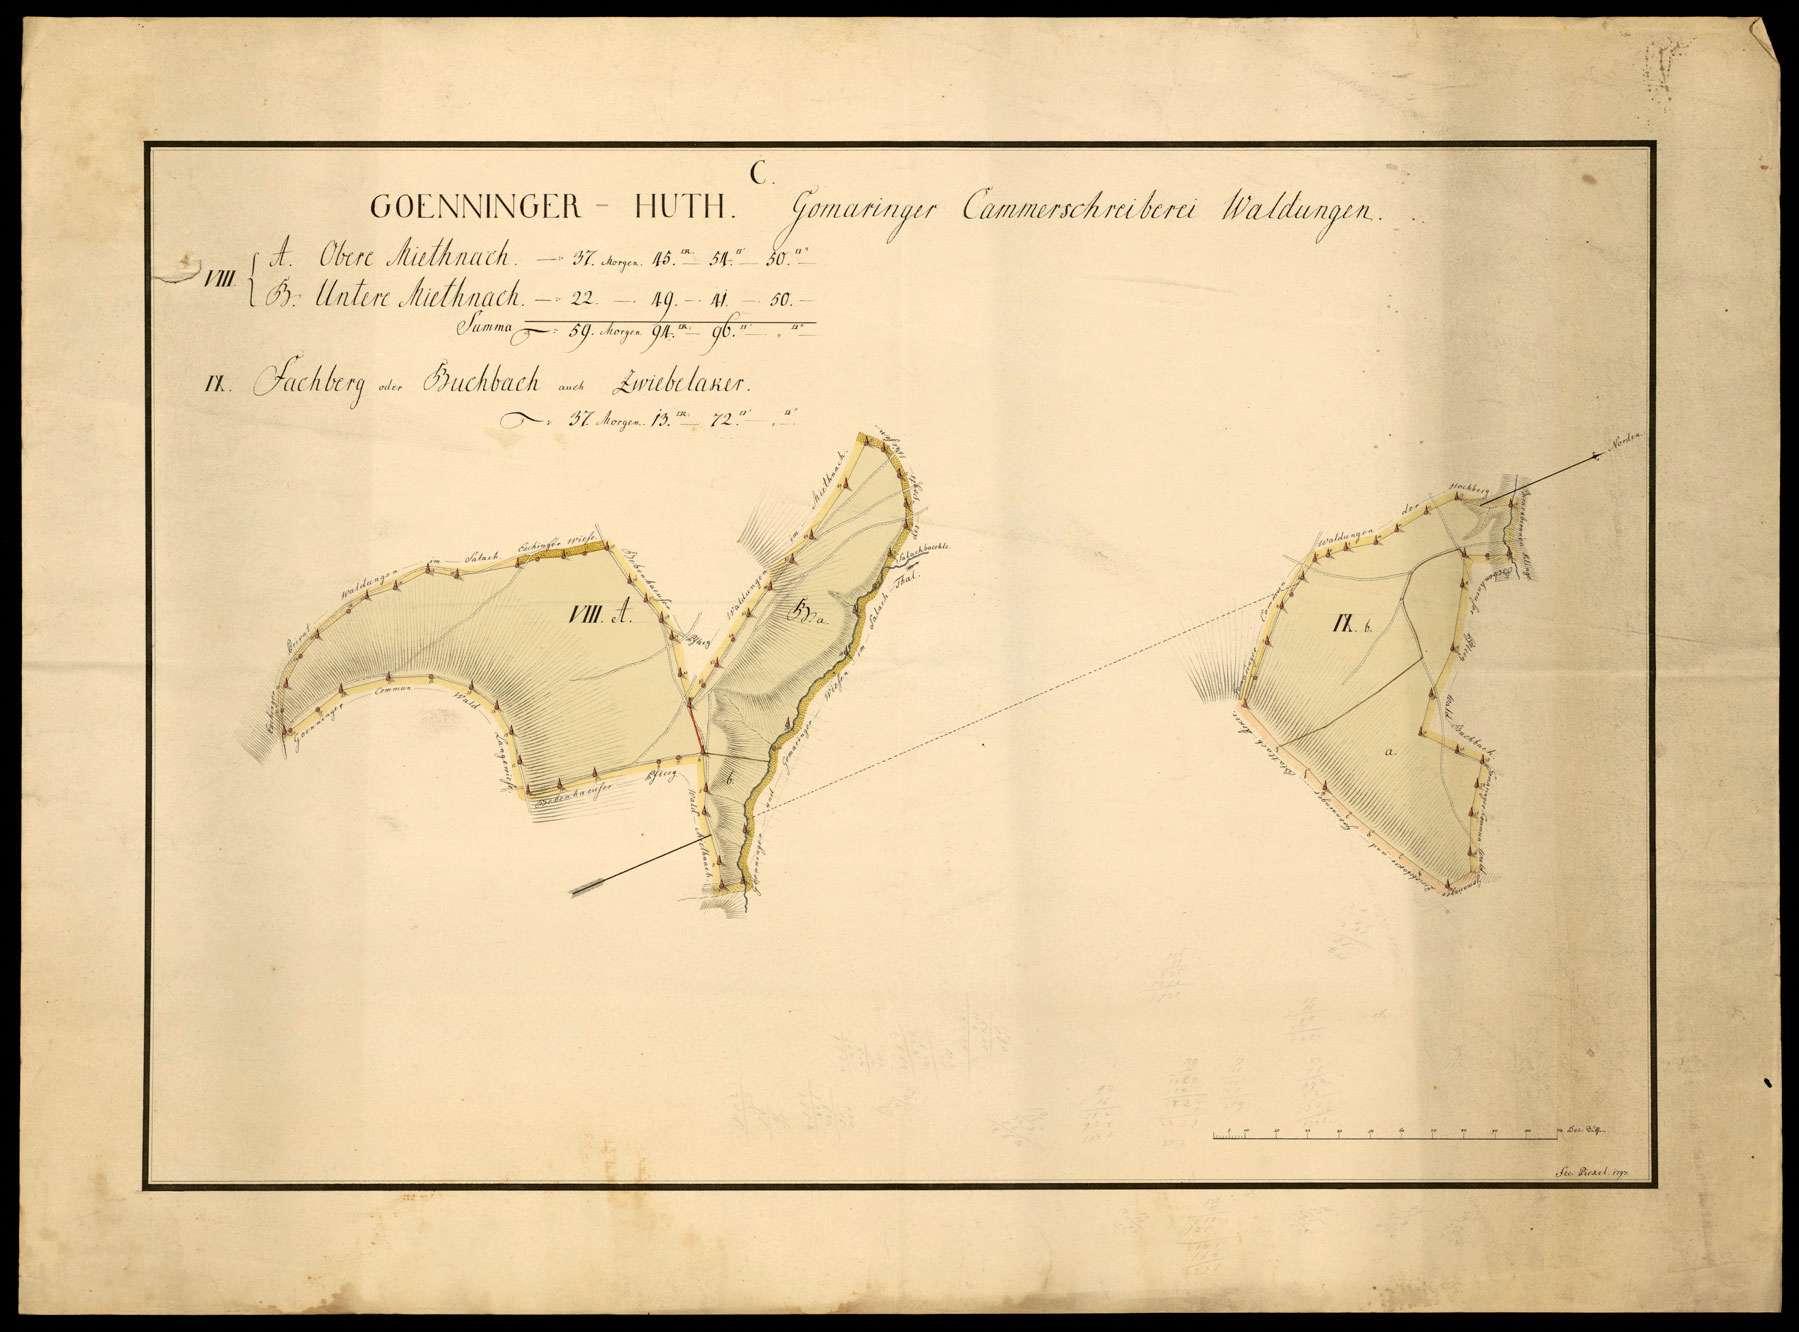 """""""Gönninger Hut: Gomaringer Kammerschreiberei Waldungen"""" [C VIII. A. Obere Miethnach, B. Untere Miethnach, IX. Fachberg oder Buchbach, auch Zwiebelacker], Bild 1"""